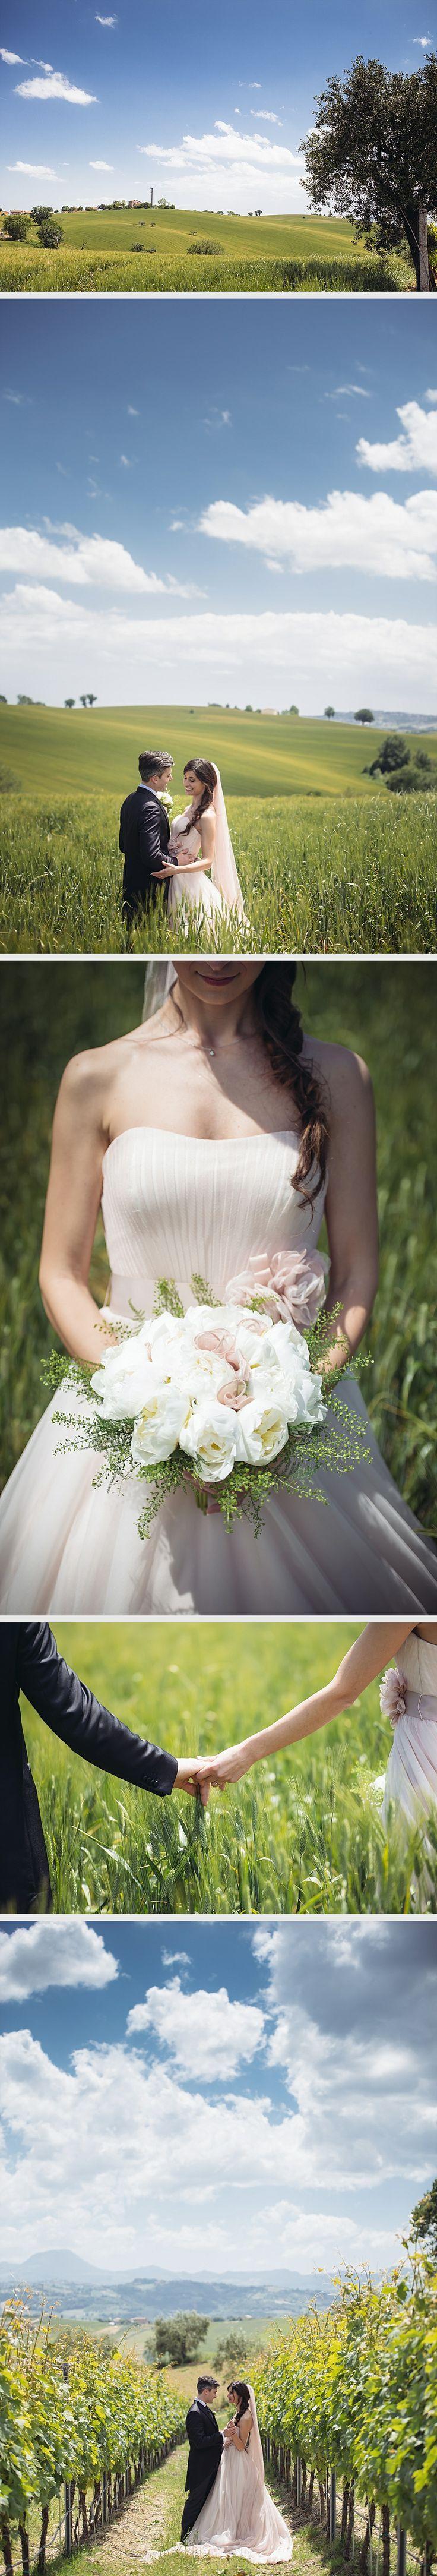 Wedding in Serra de Conti (Ancona) - Marche www.aberrazionicromatiche.com #matrimonio #wedding #weddinginspiration #country #lemarche